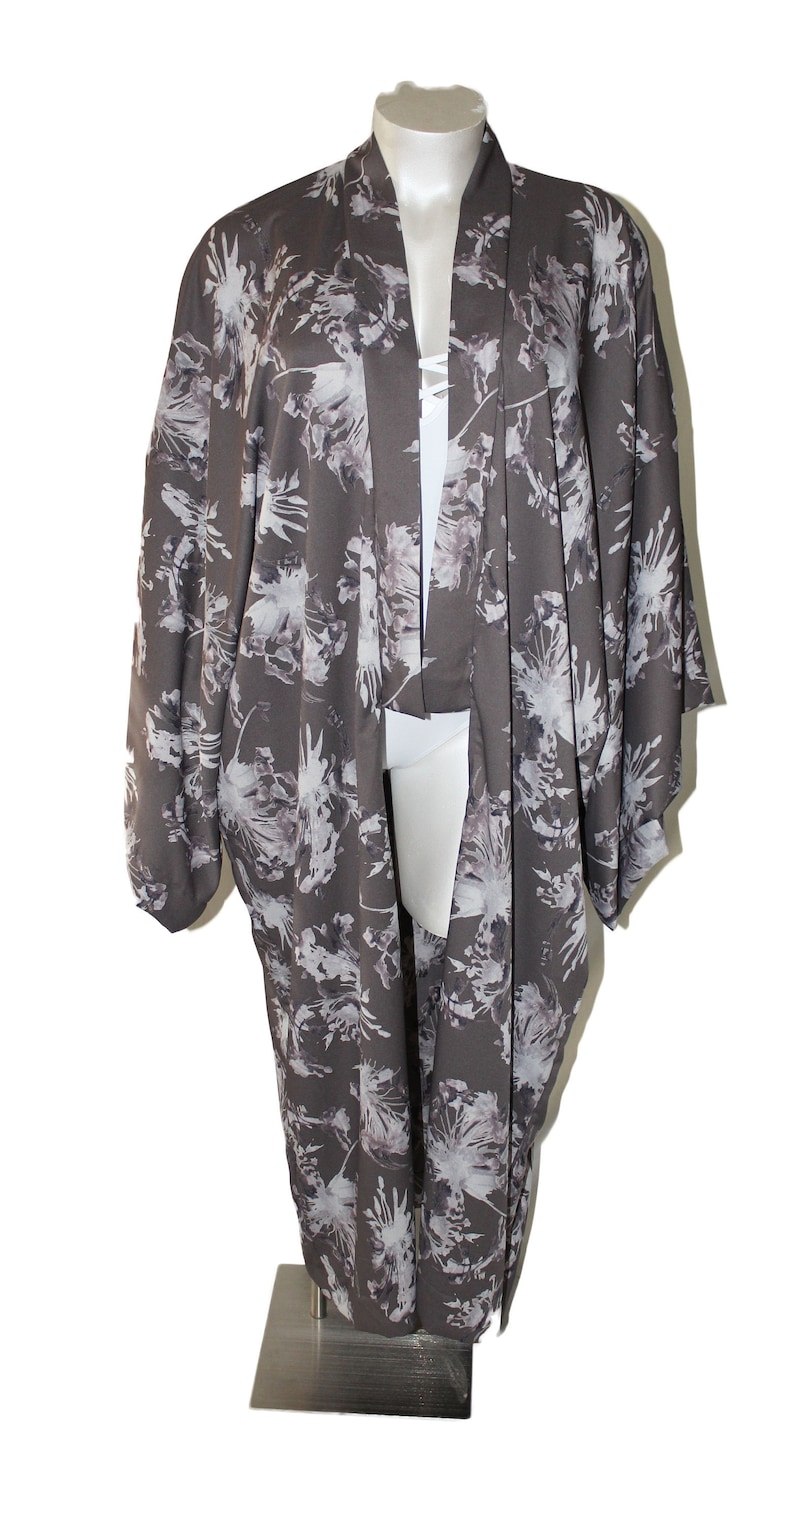 Pewter Floral Plus Size Kimono Duster Robe image 0